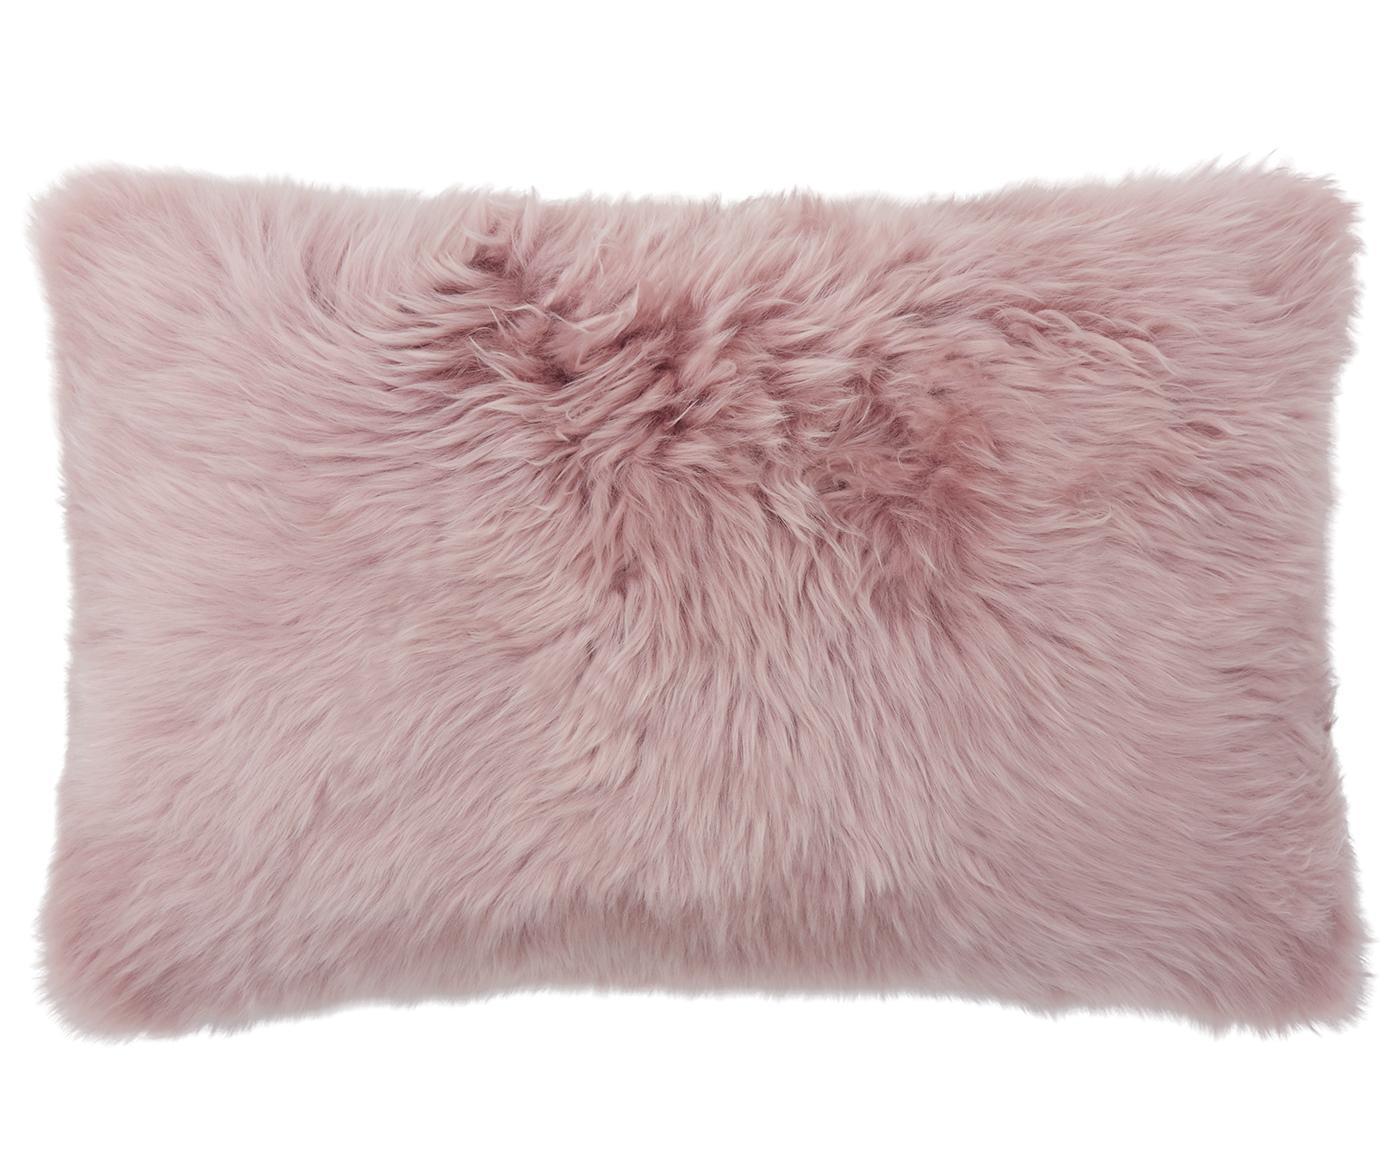 Kussenhoes van schapenvacht Oslo, glad, Voorzijde: roze. Achterzijde: lichtgrijs, 30 x 50 cm